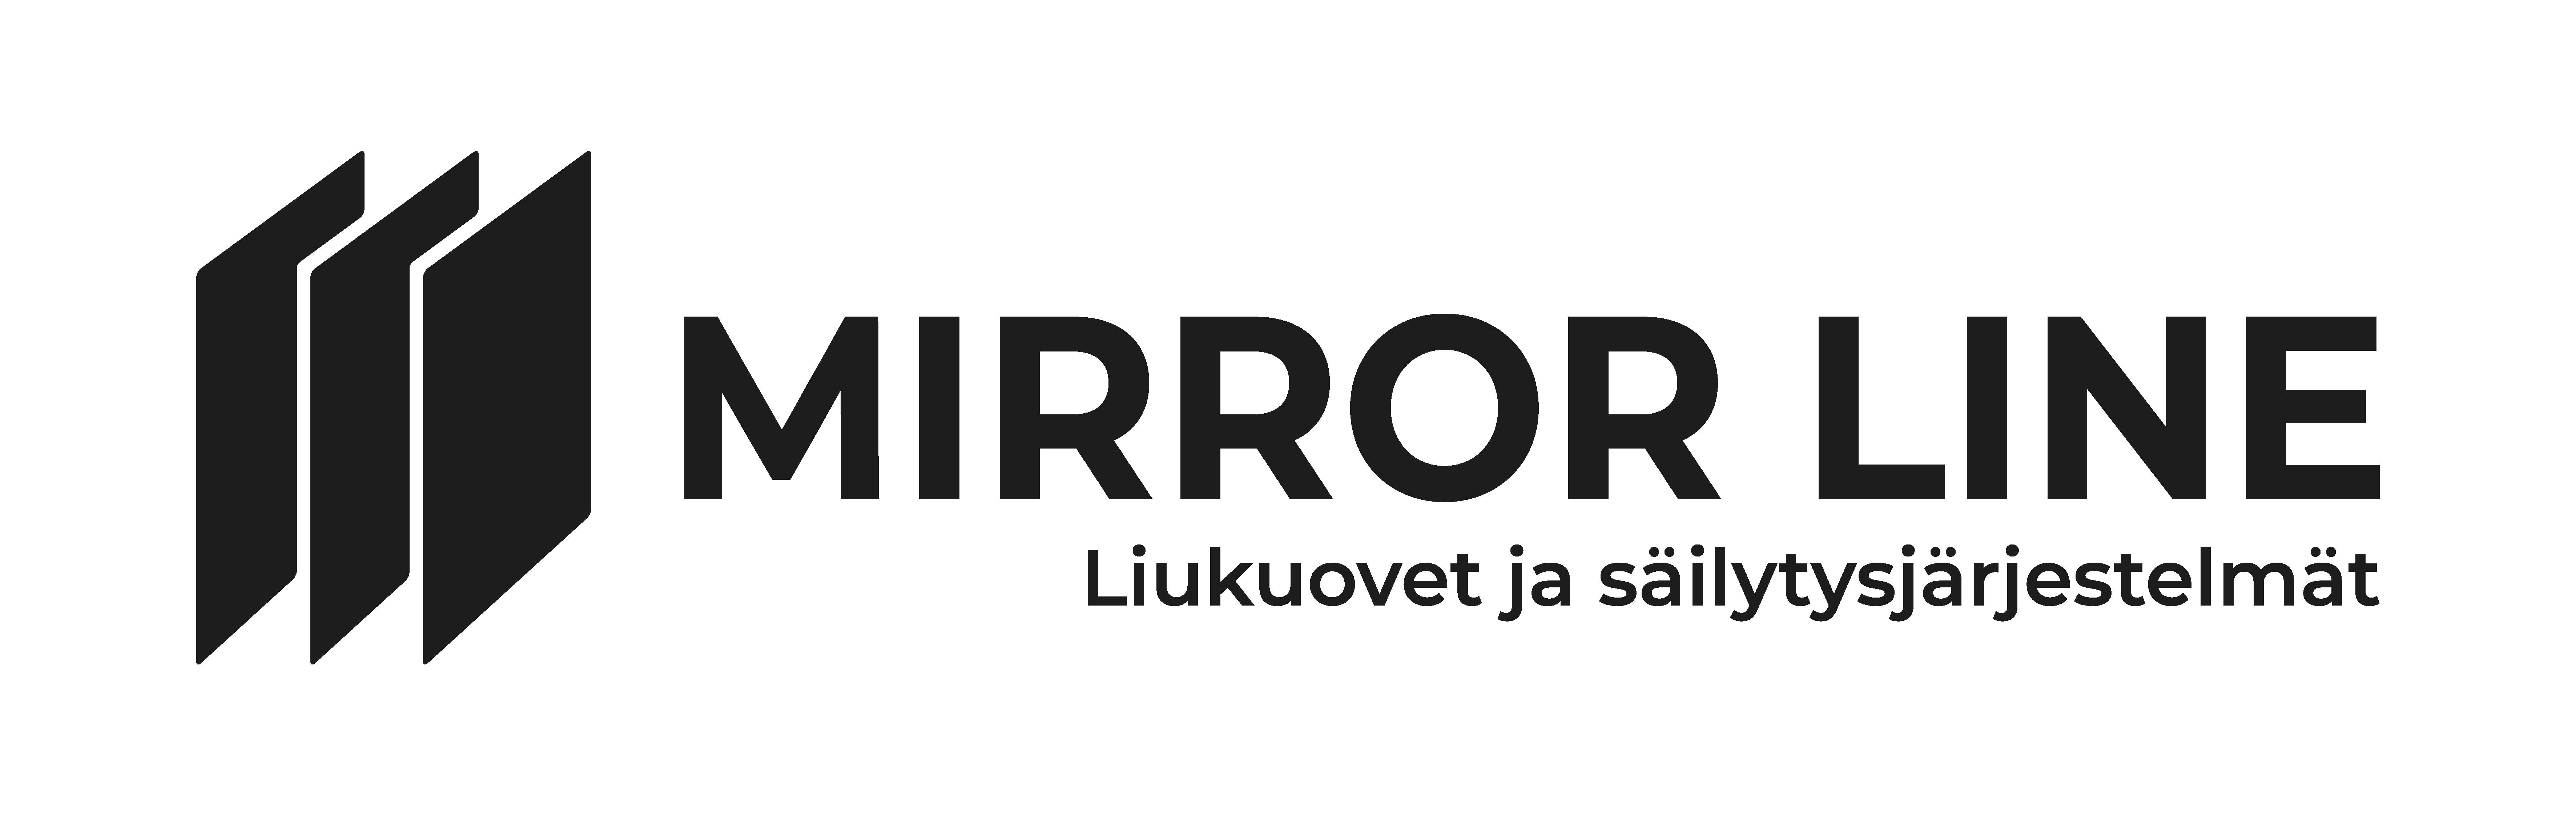 MirrorLine_logo